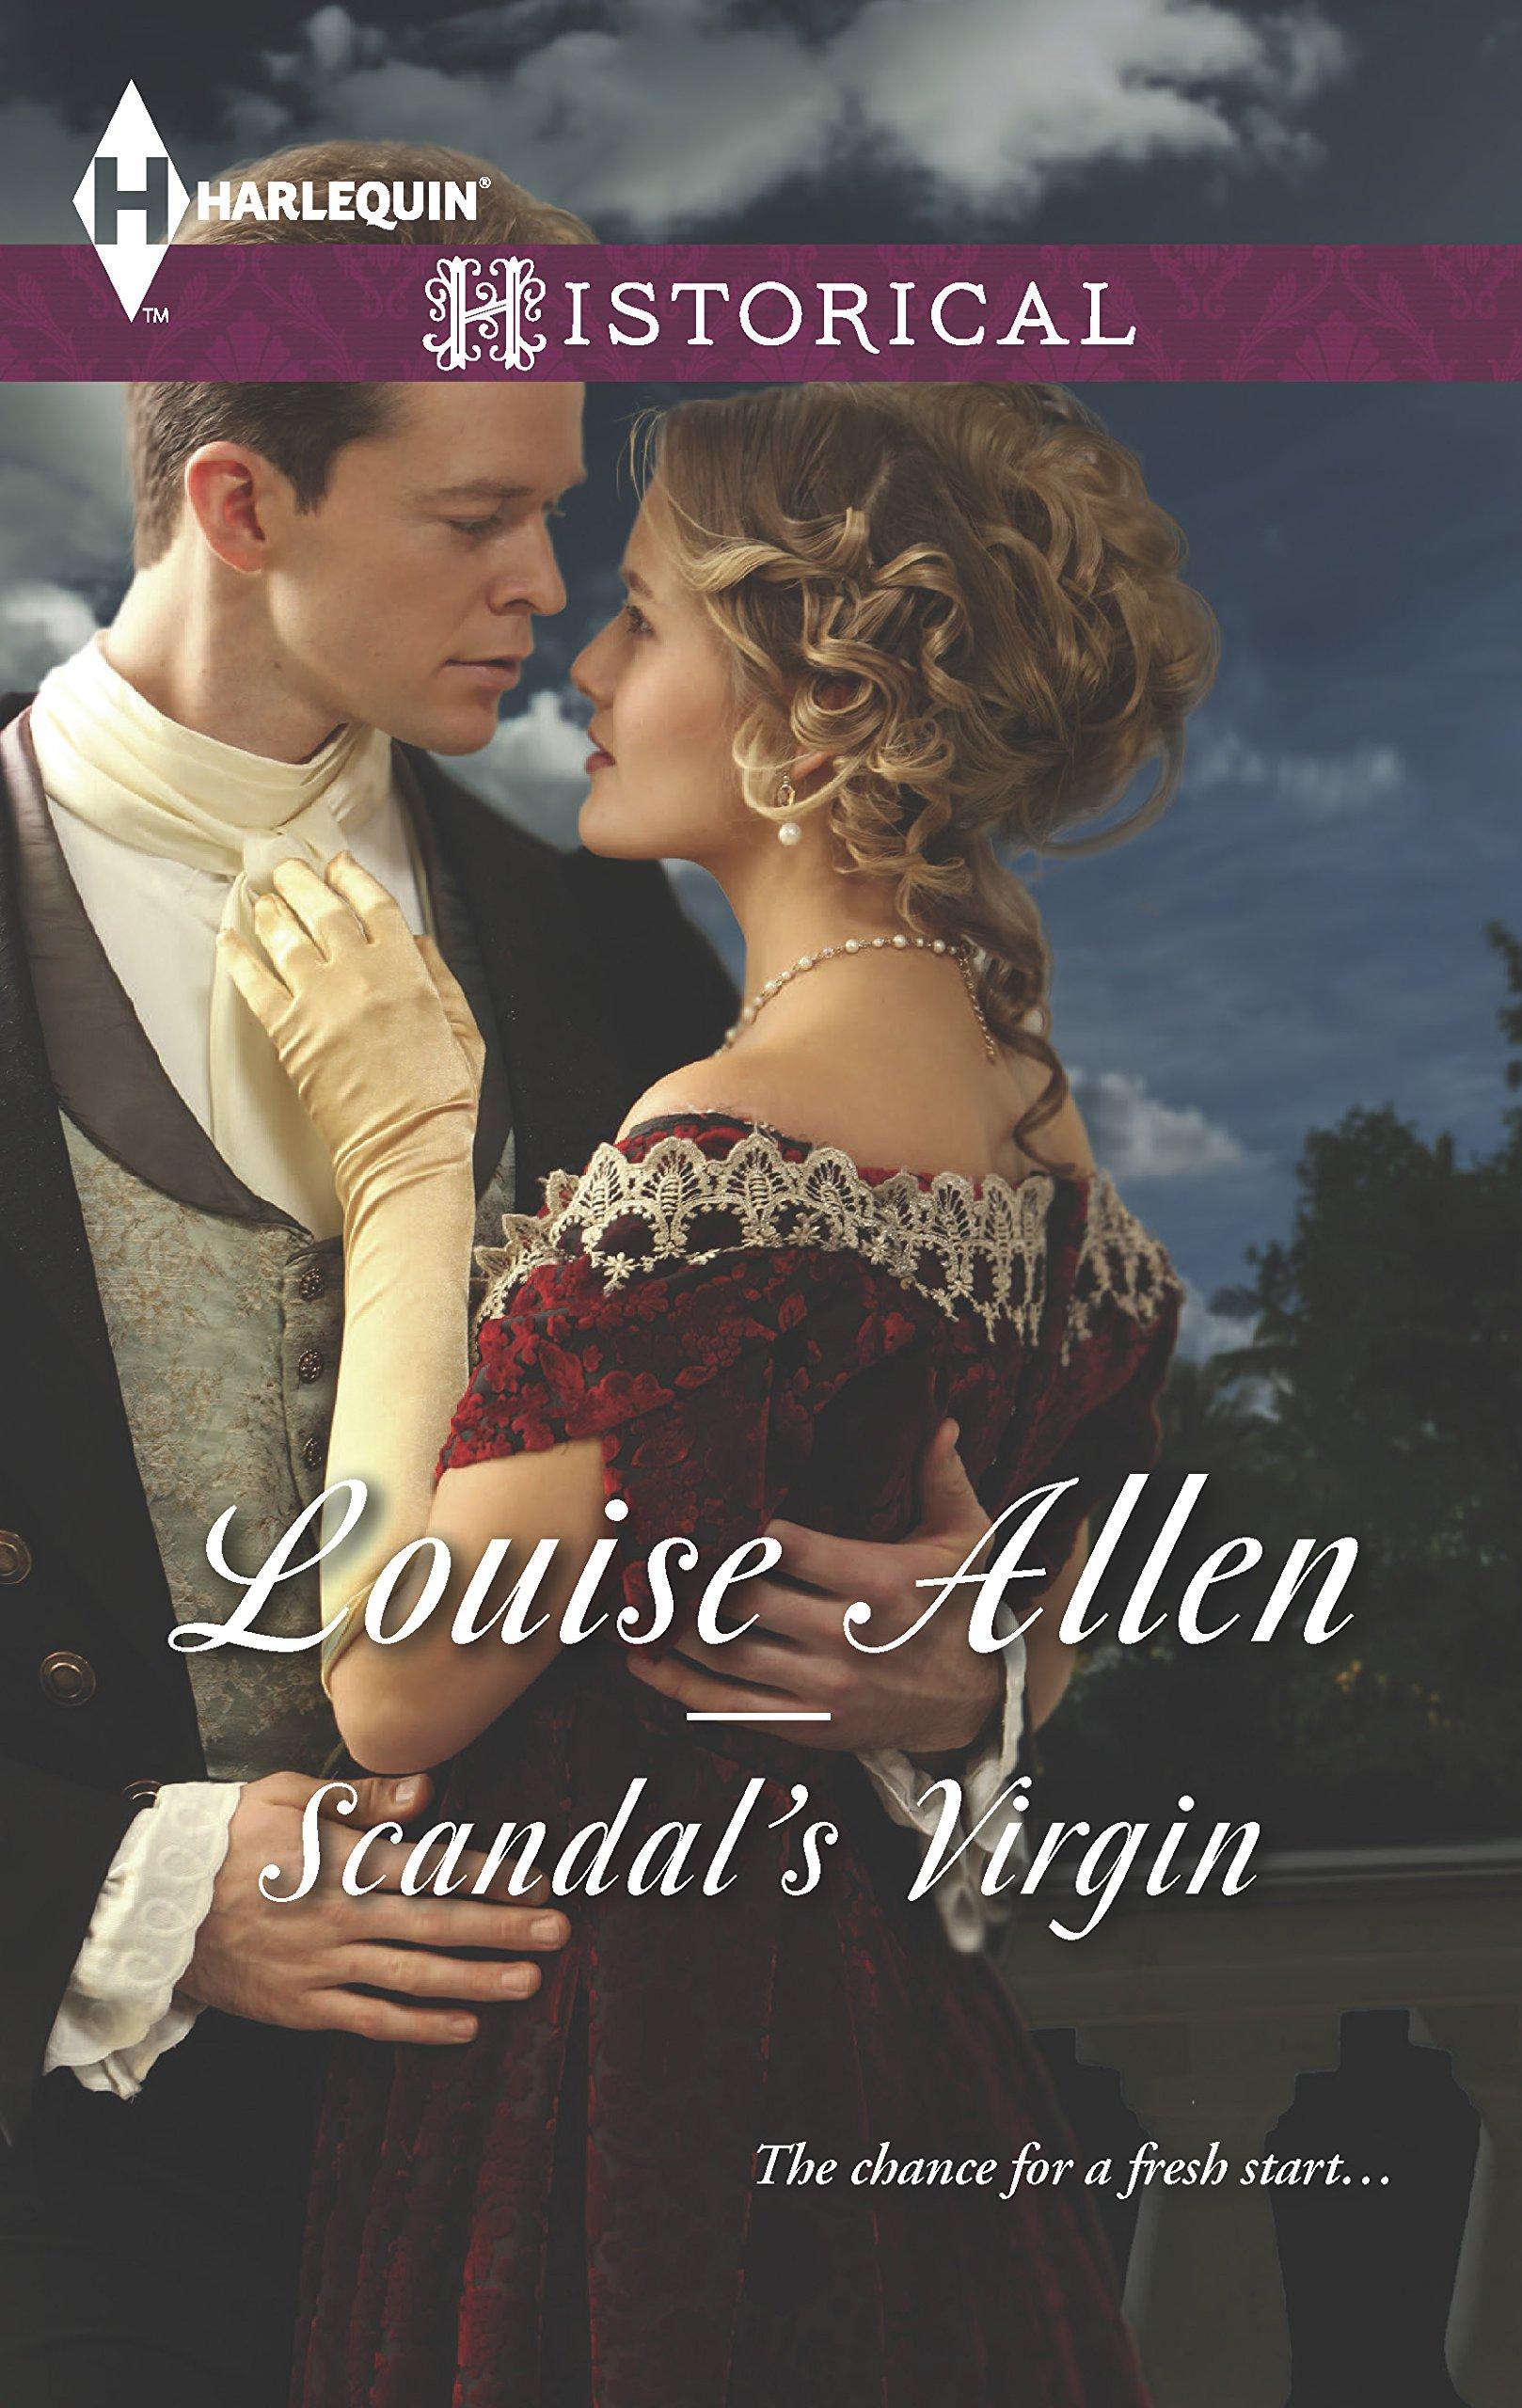 Read Online Scandal's Virgin (Harlequin Historical) PDF